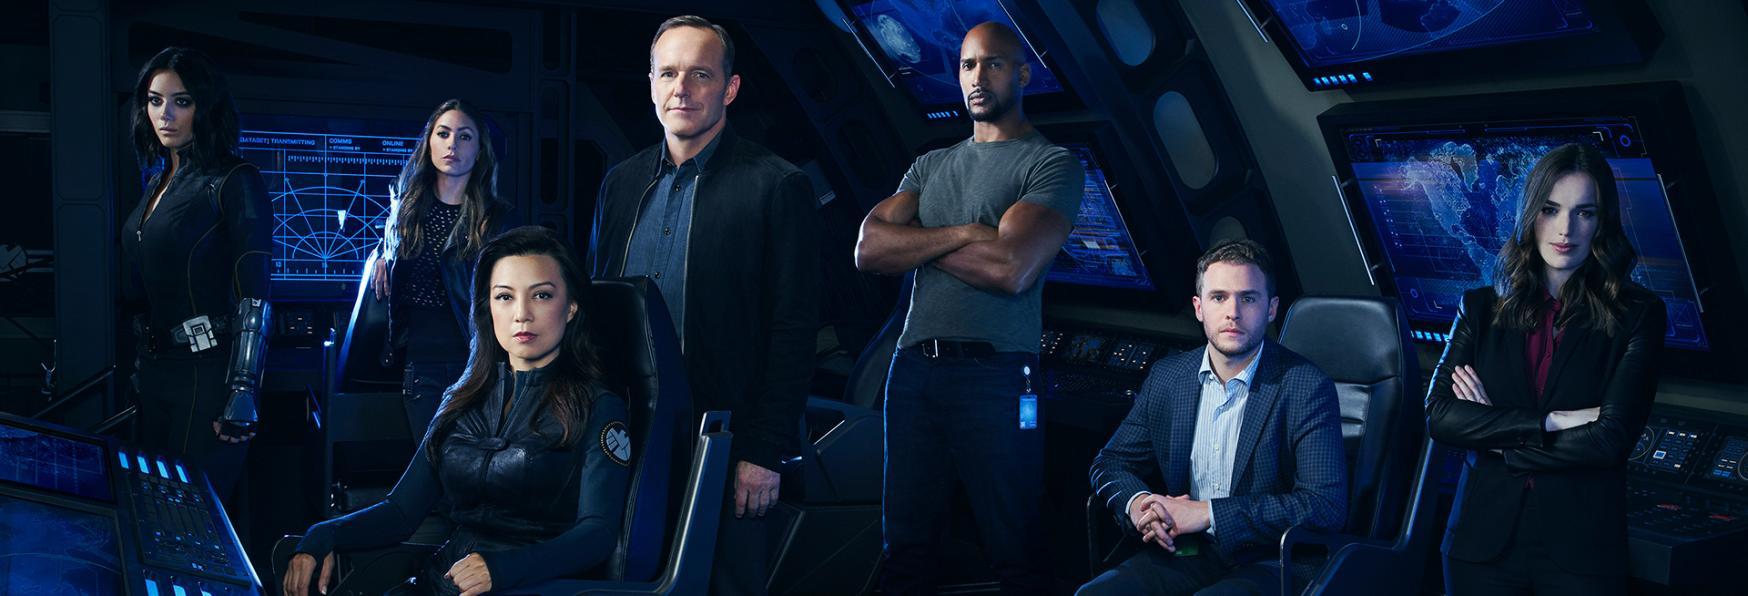 Agents of S.H.I.E.L.D. 7: Trama, Cast, Data e altre Informazioni Note sulla Stagione Finale